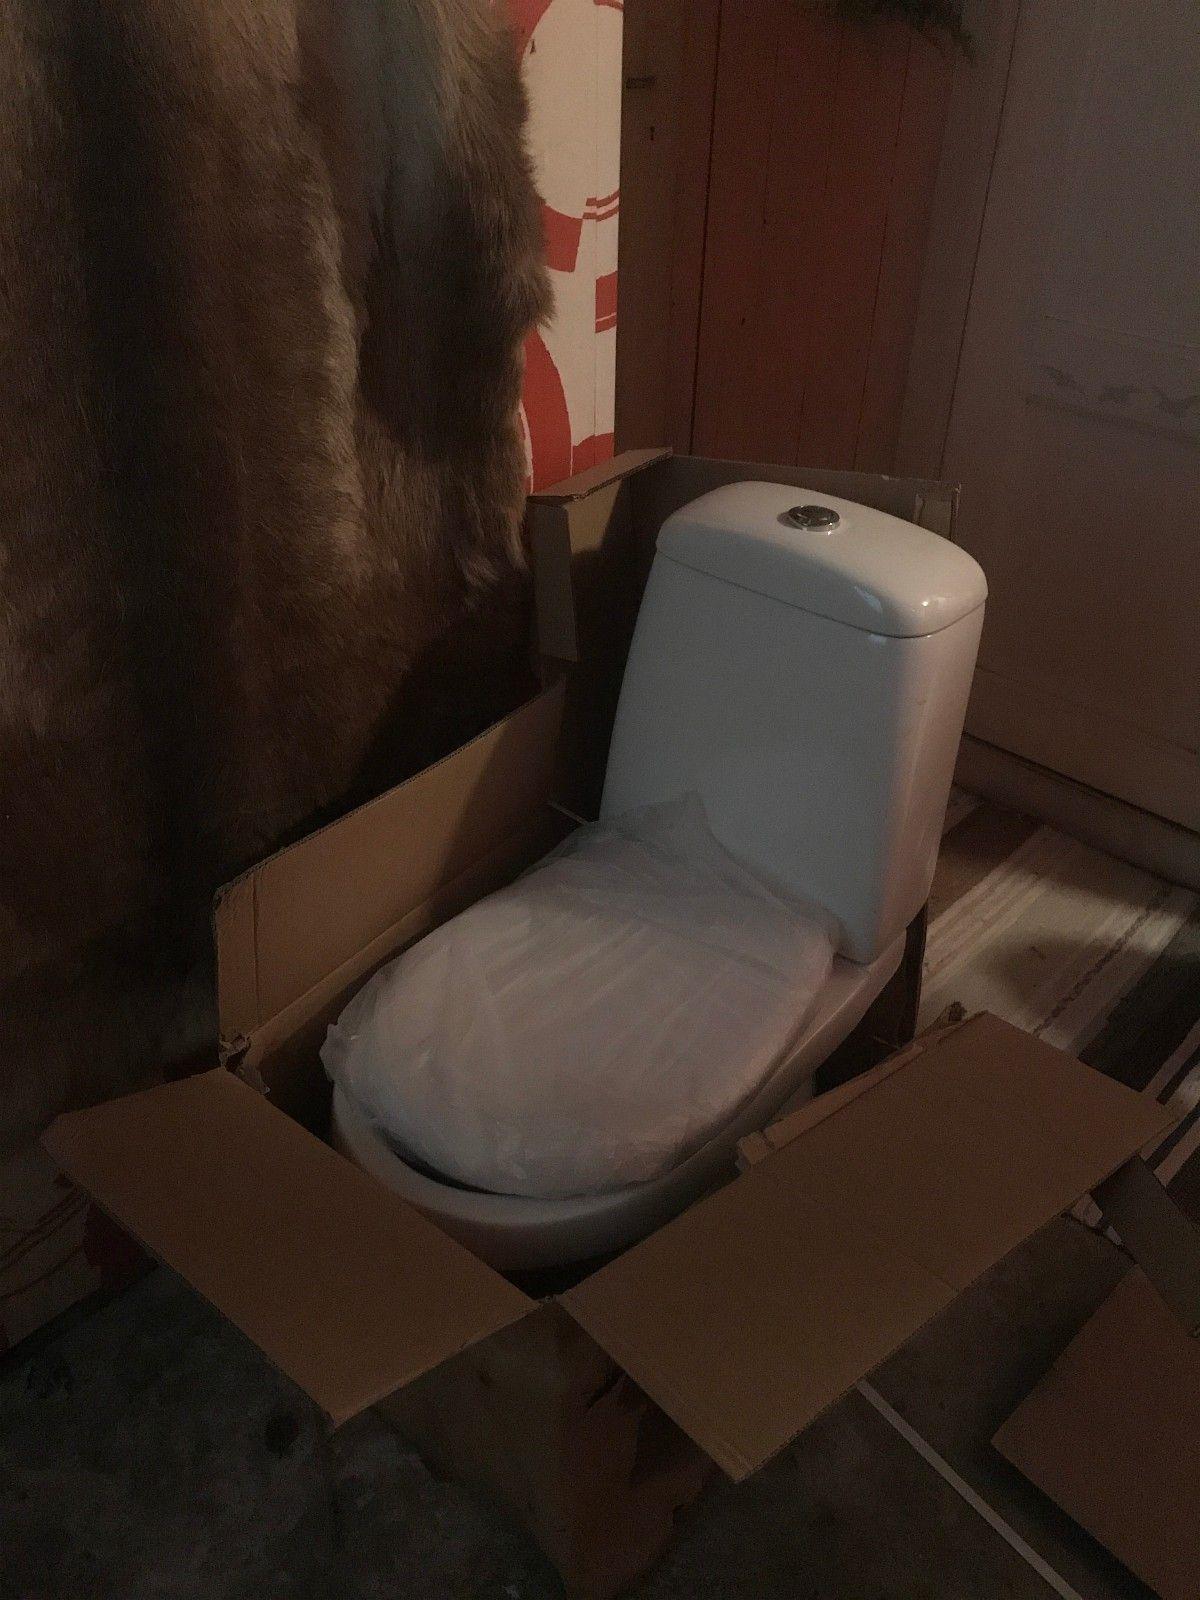 Helt nytt toalett - Tromsø  - Helt ubrukt toalett selges.  Kontakt på 959 95 049 - Tromsø